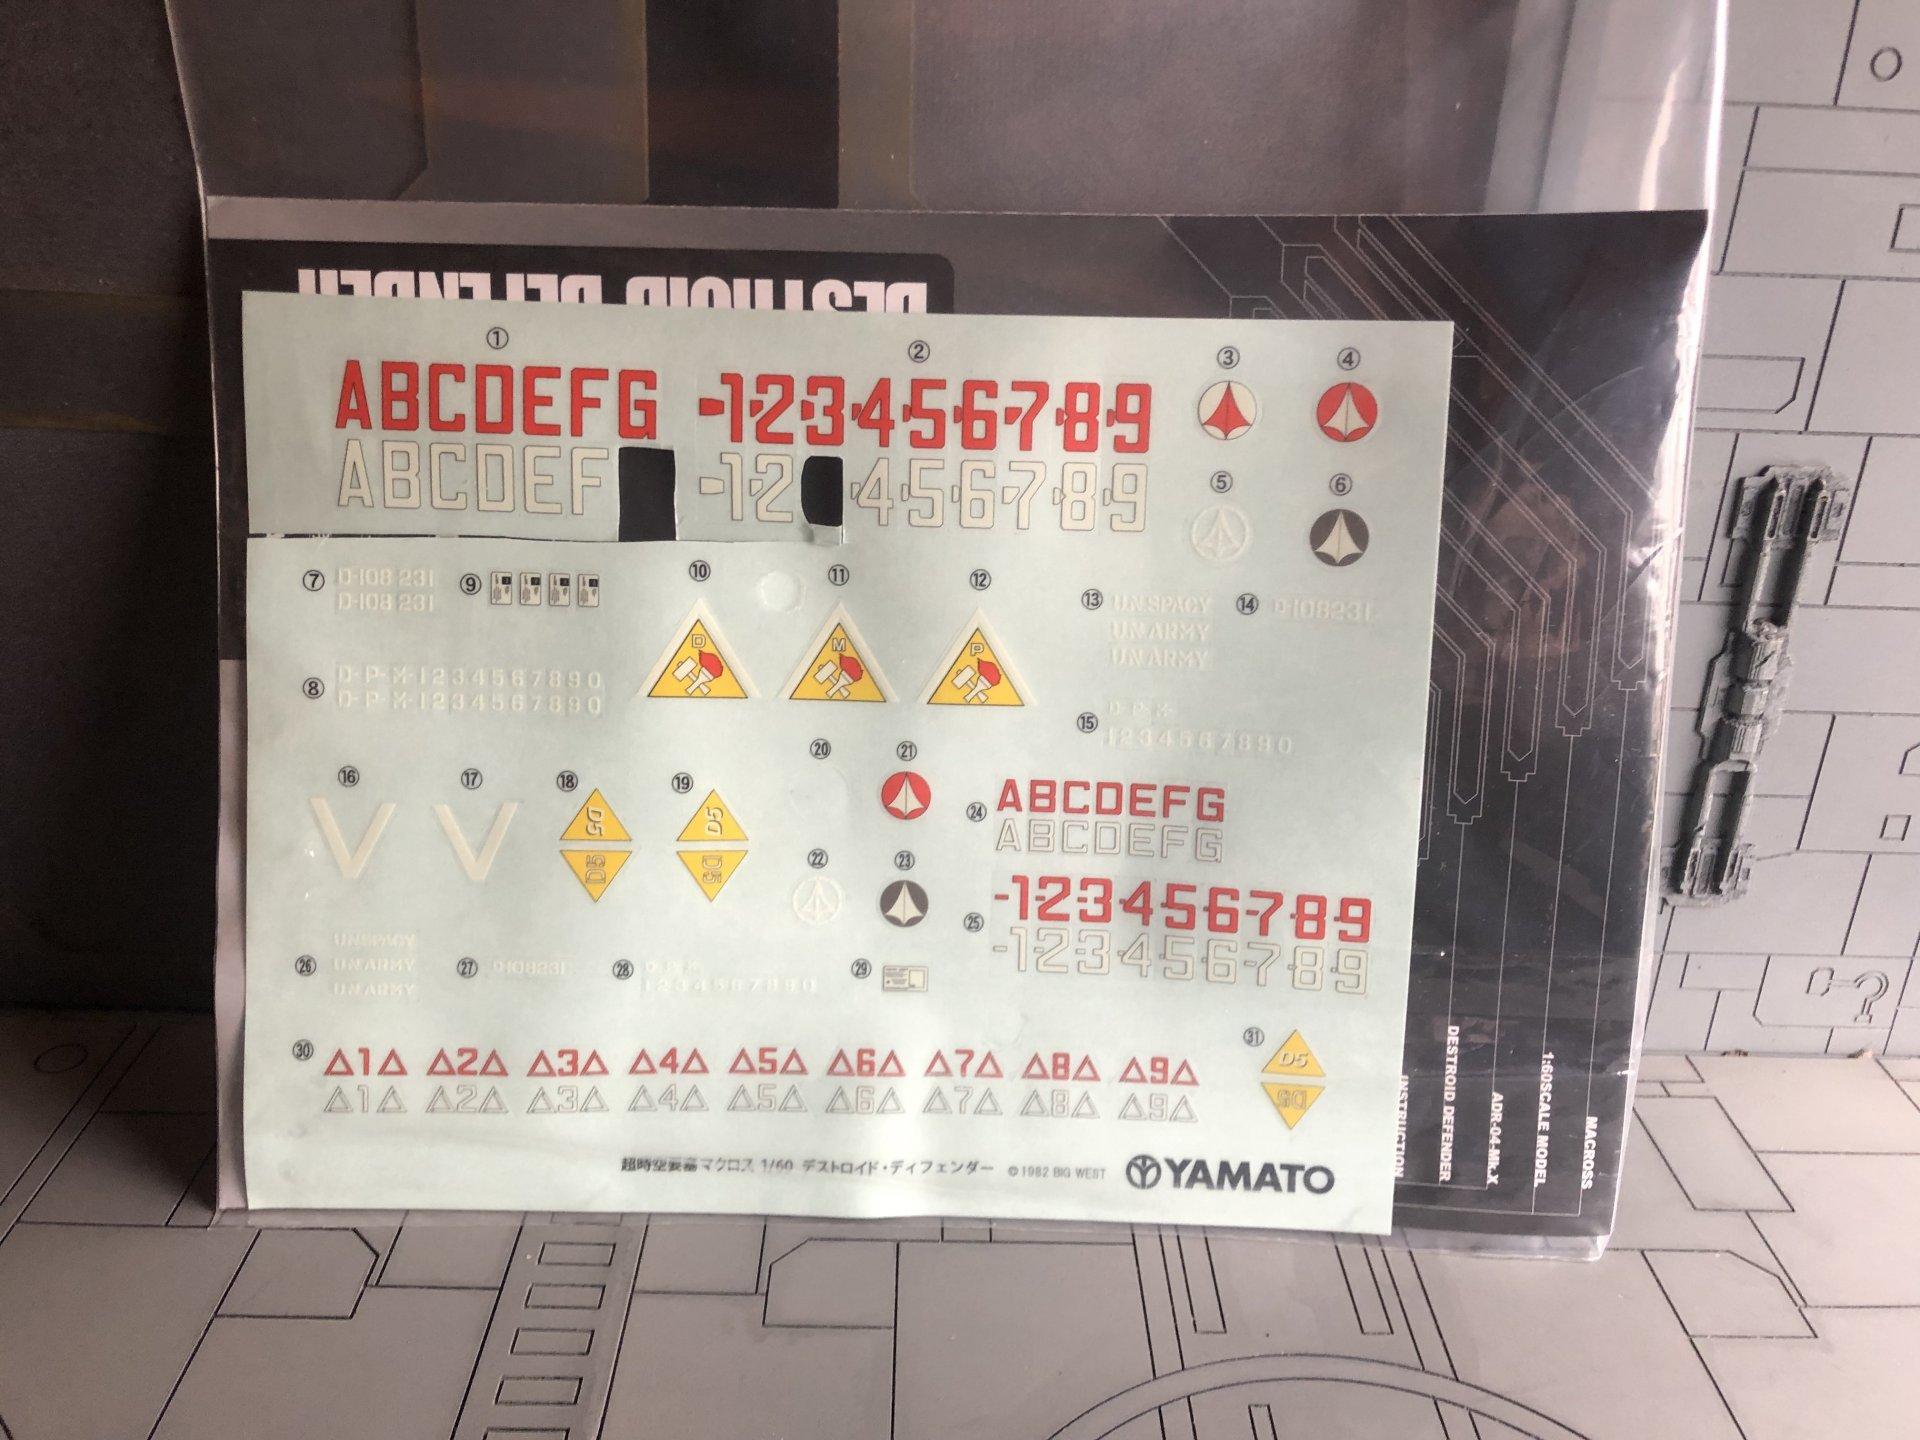 968AAF19-522B-477B-A8B1-80B9A2191E1B.thumb.jpeg.c9510d6e2a9d1af3509598b45a585bdf.jpeg